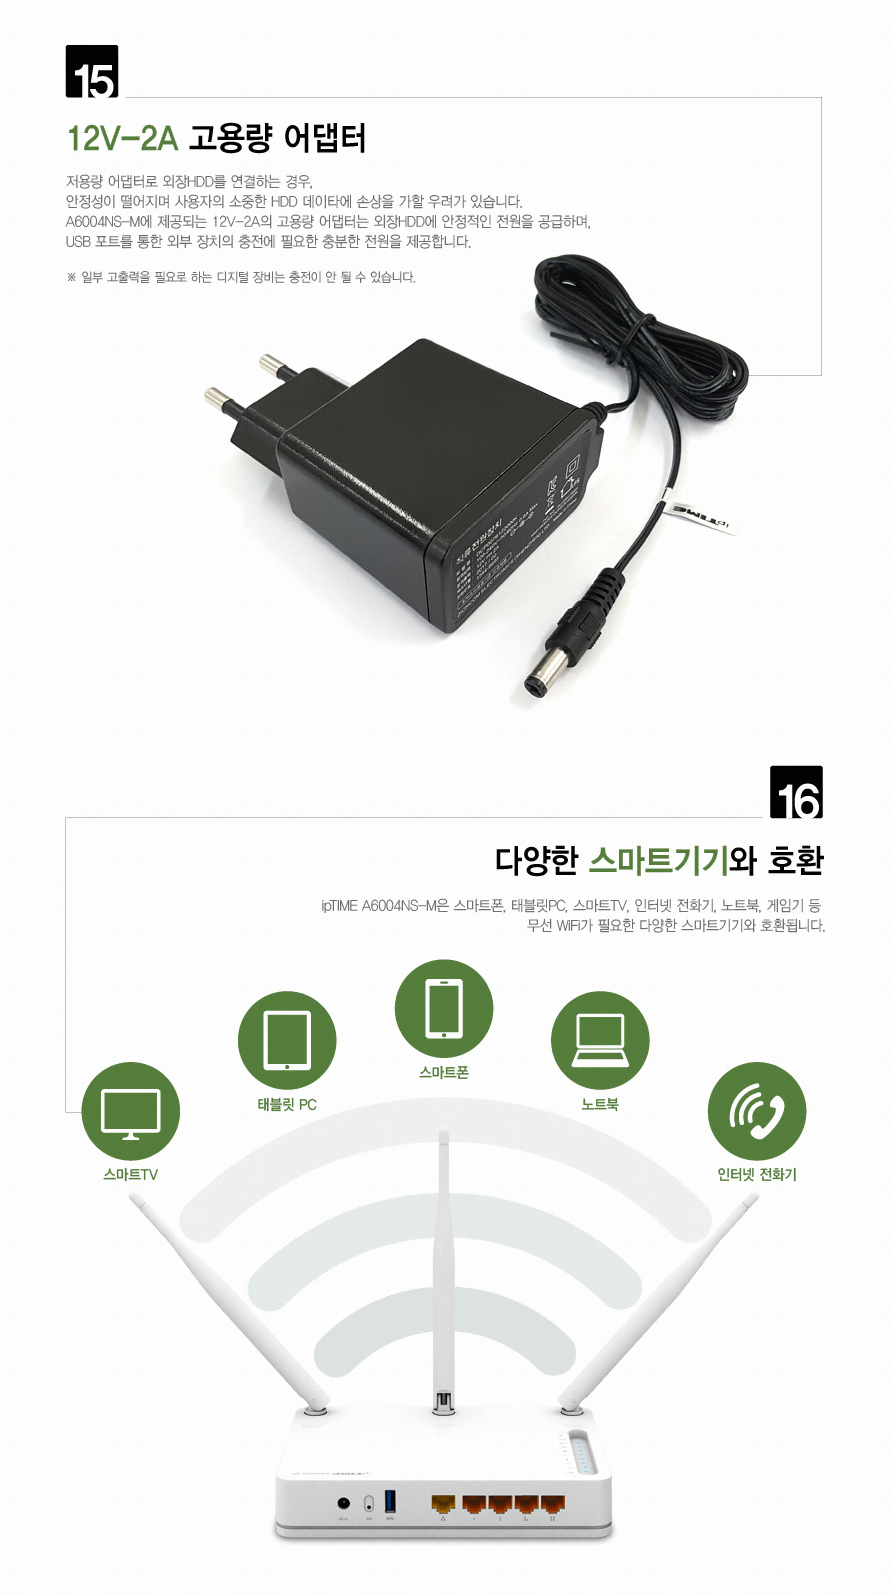 EFM ipTIME A6004NS-M 유무선공유기